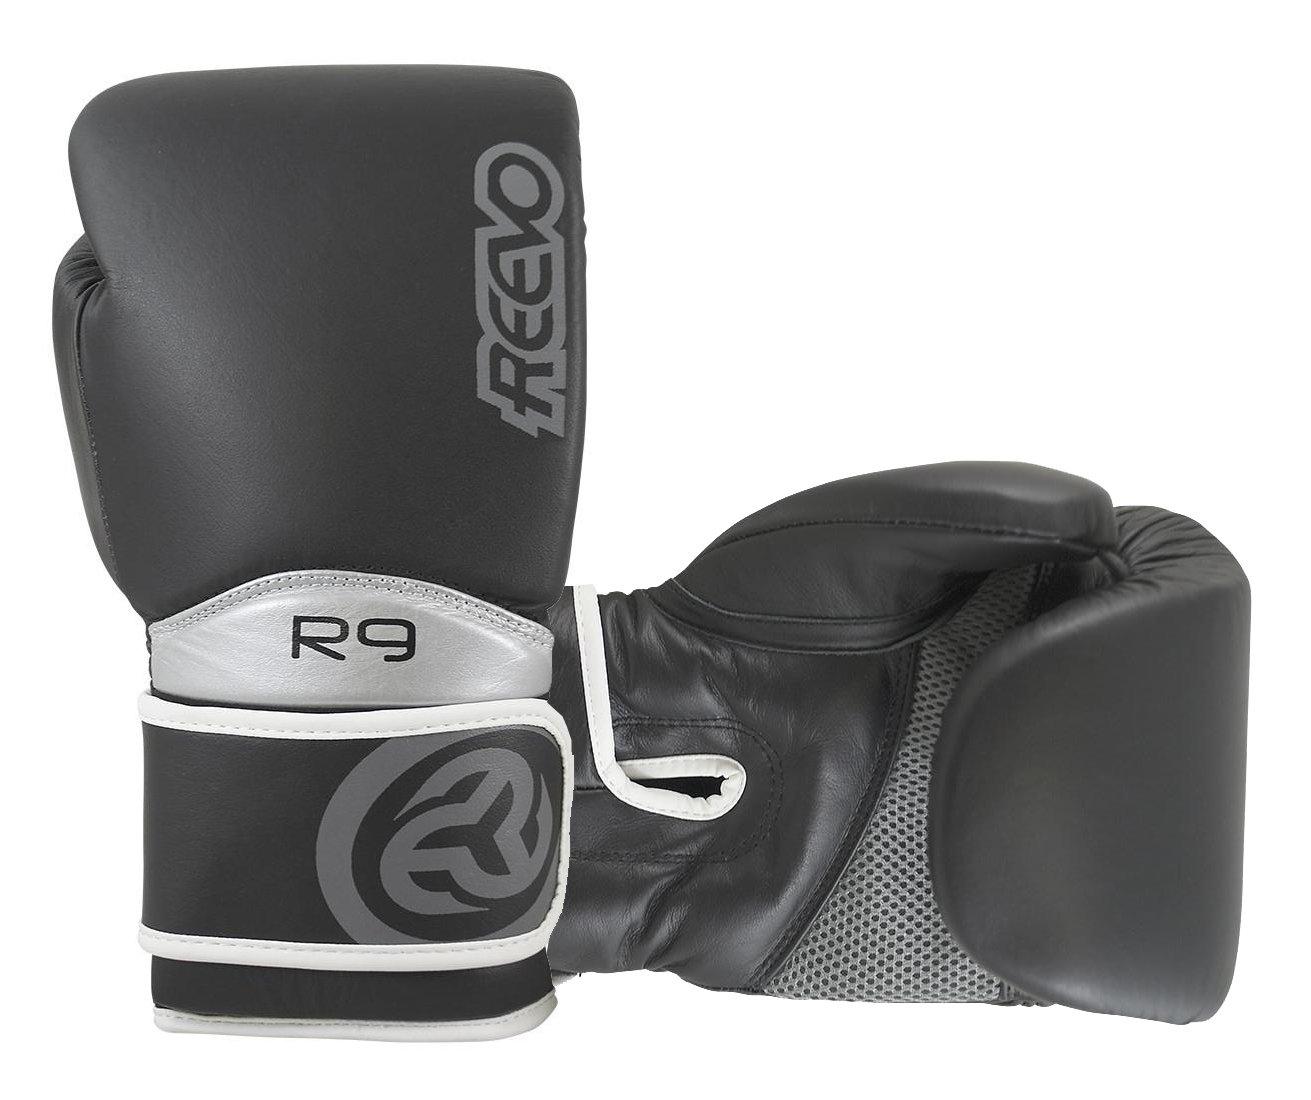 Reevo r9 V2 War Hammerのトレーニンググローブボクシングキックボクシングムエタイ総合格闘技 ブラック 12 oz